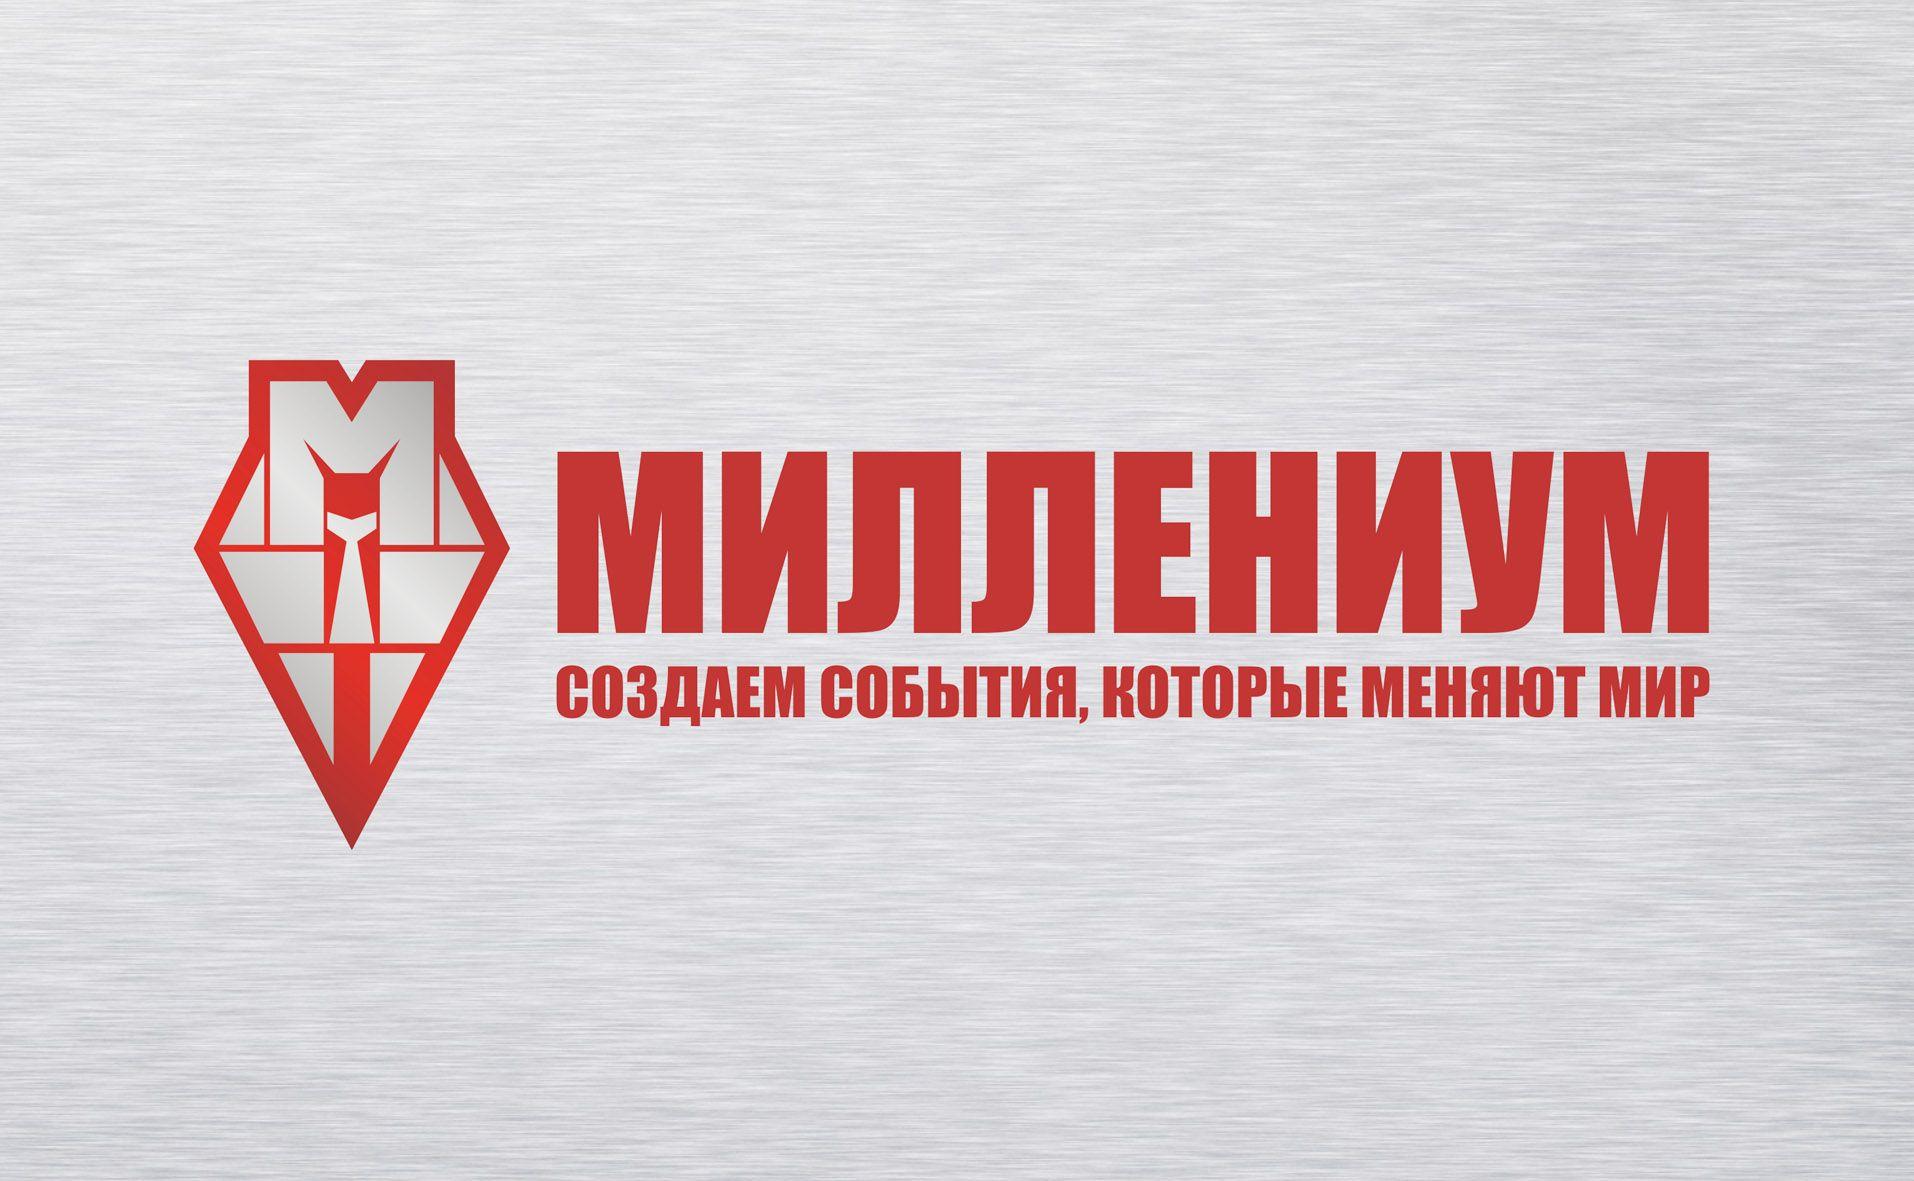 Бизнес Альянс Милленниум - дизайнер Scorp